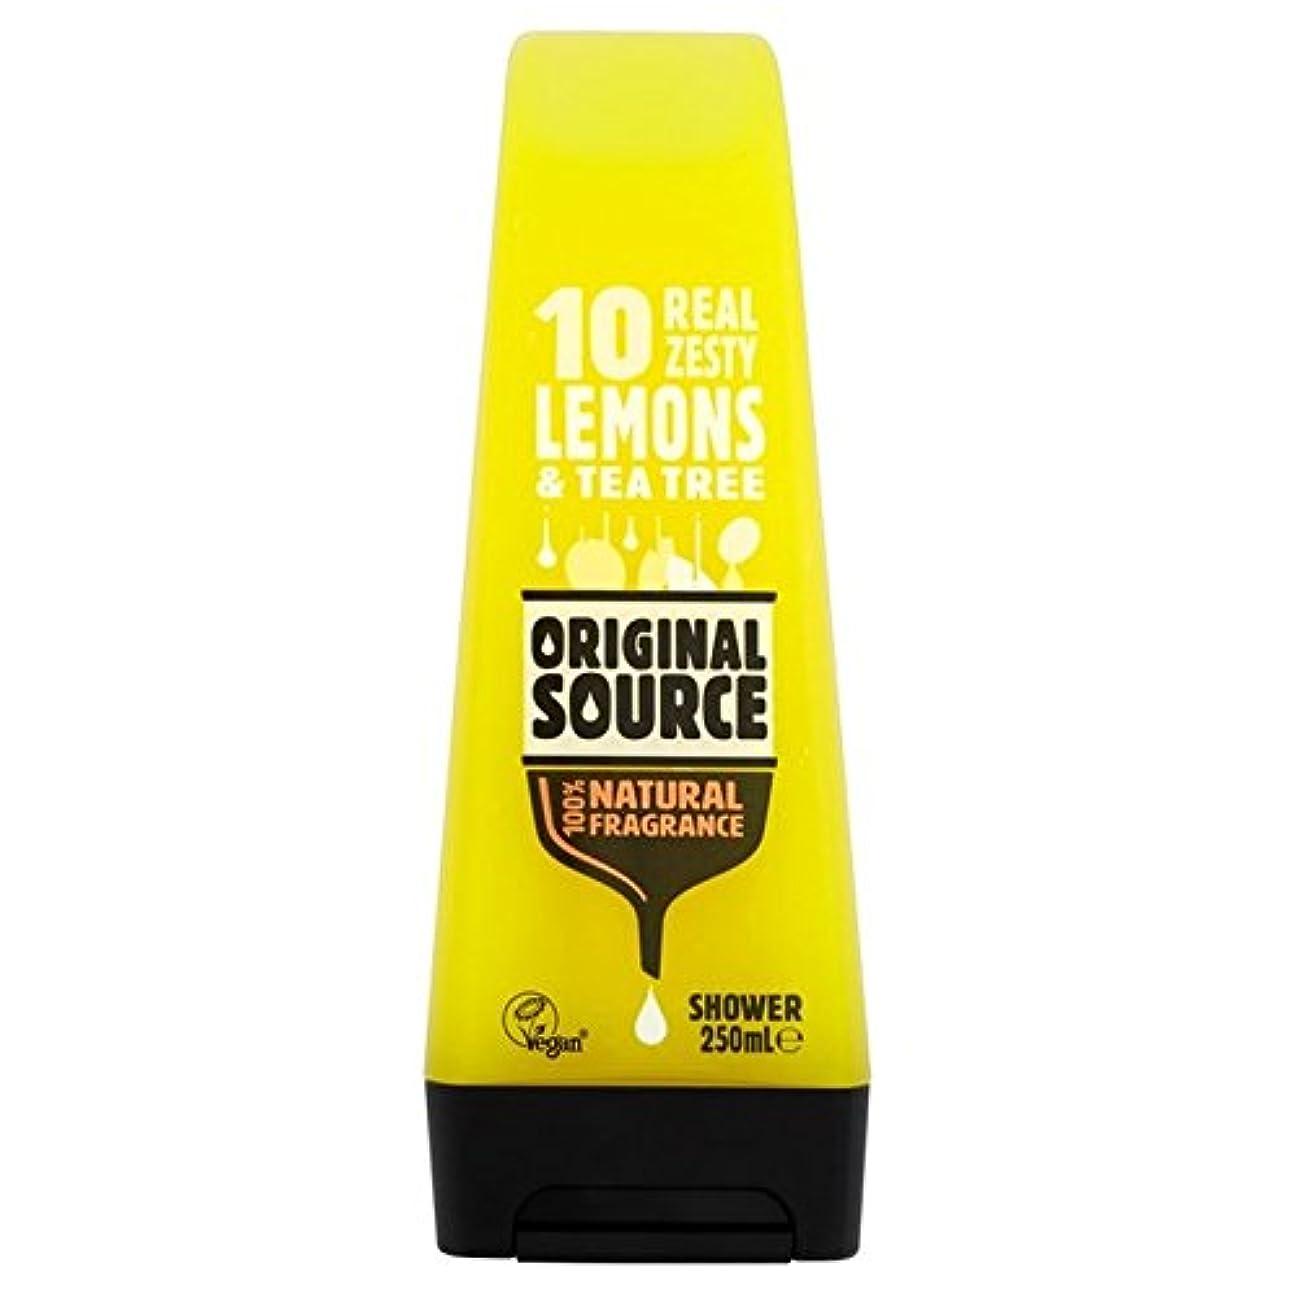 軌道下向き繰り返す元のソースのレモンシャワージェル250ミリリットル x2 - Original Source Lemon Shower Gel 250ml (Pack of 2) [並行輸入品]